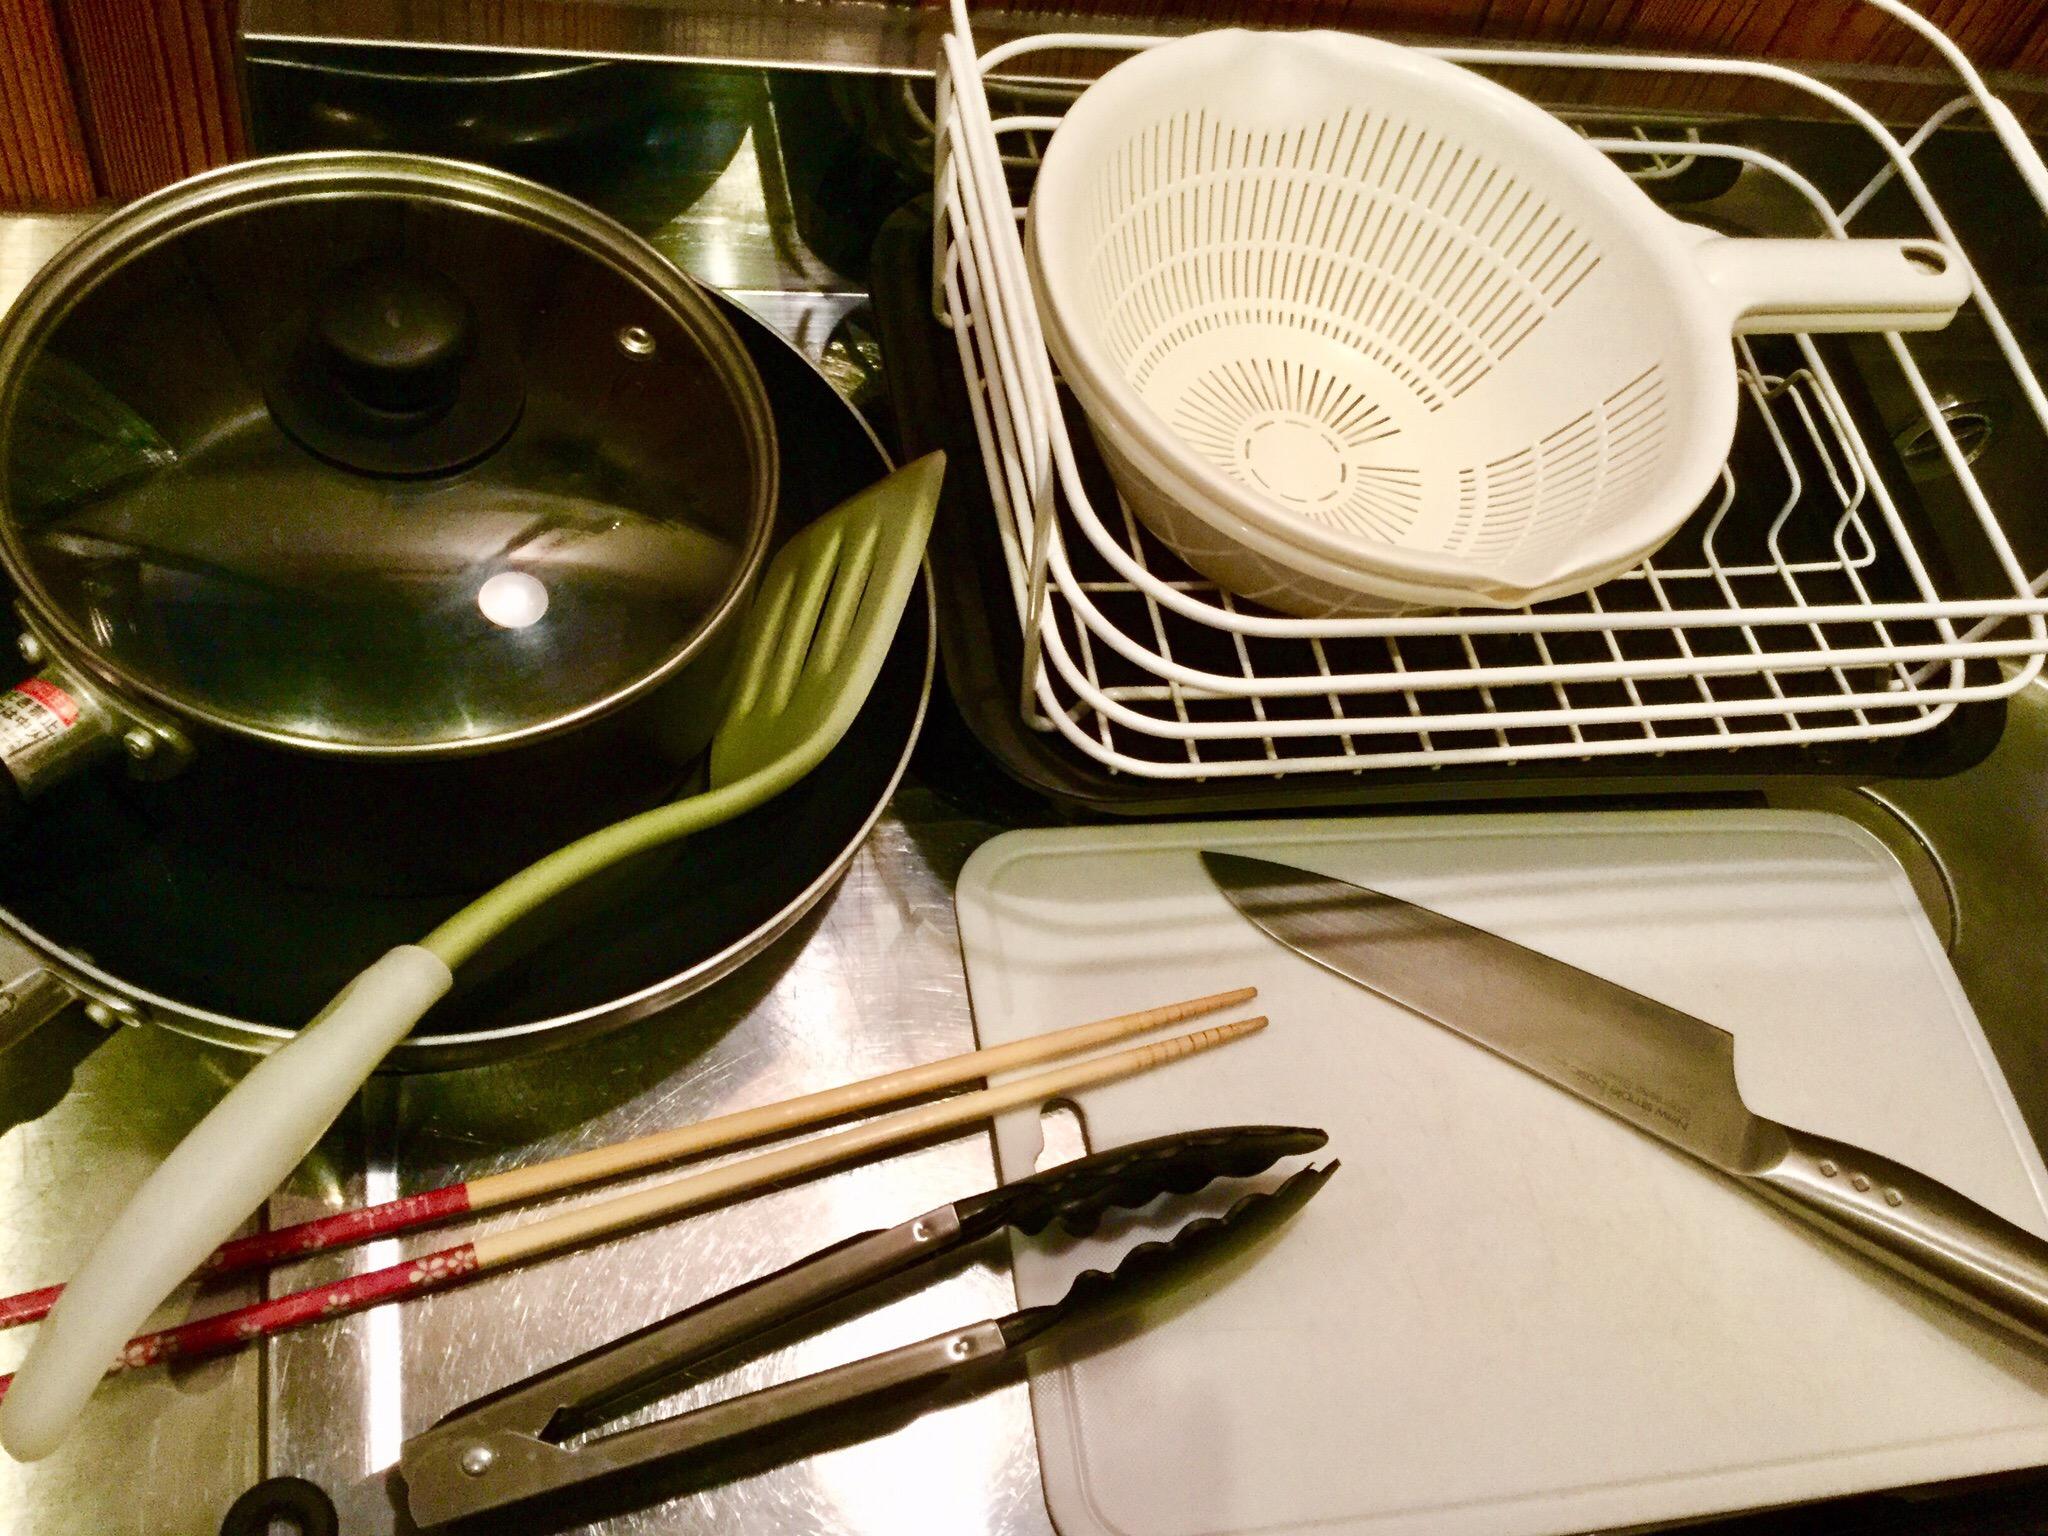 簡単な調理器具を設置